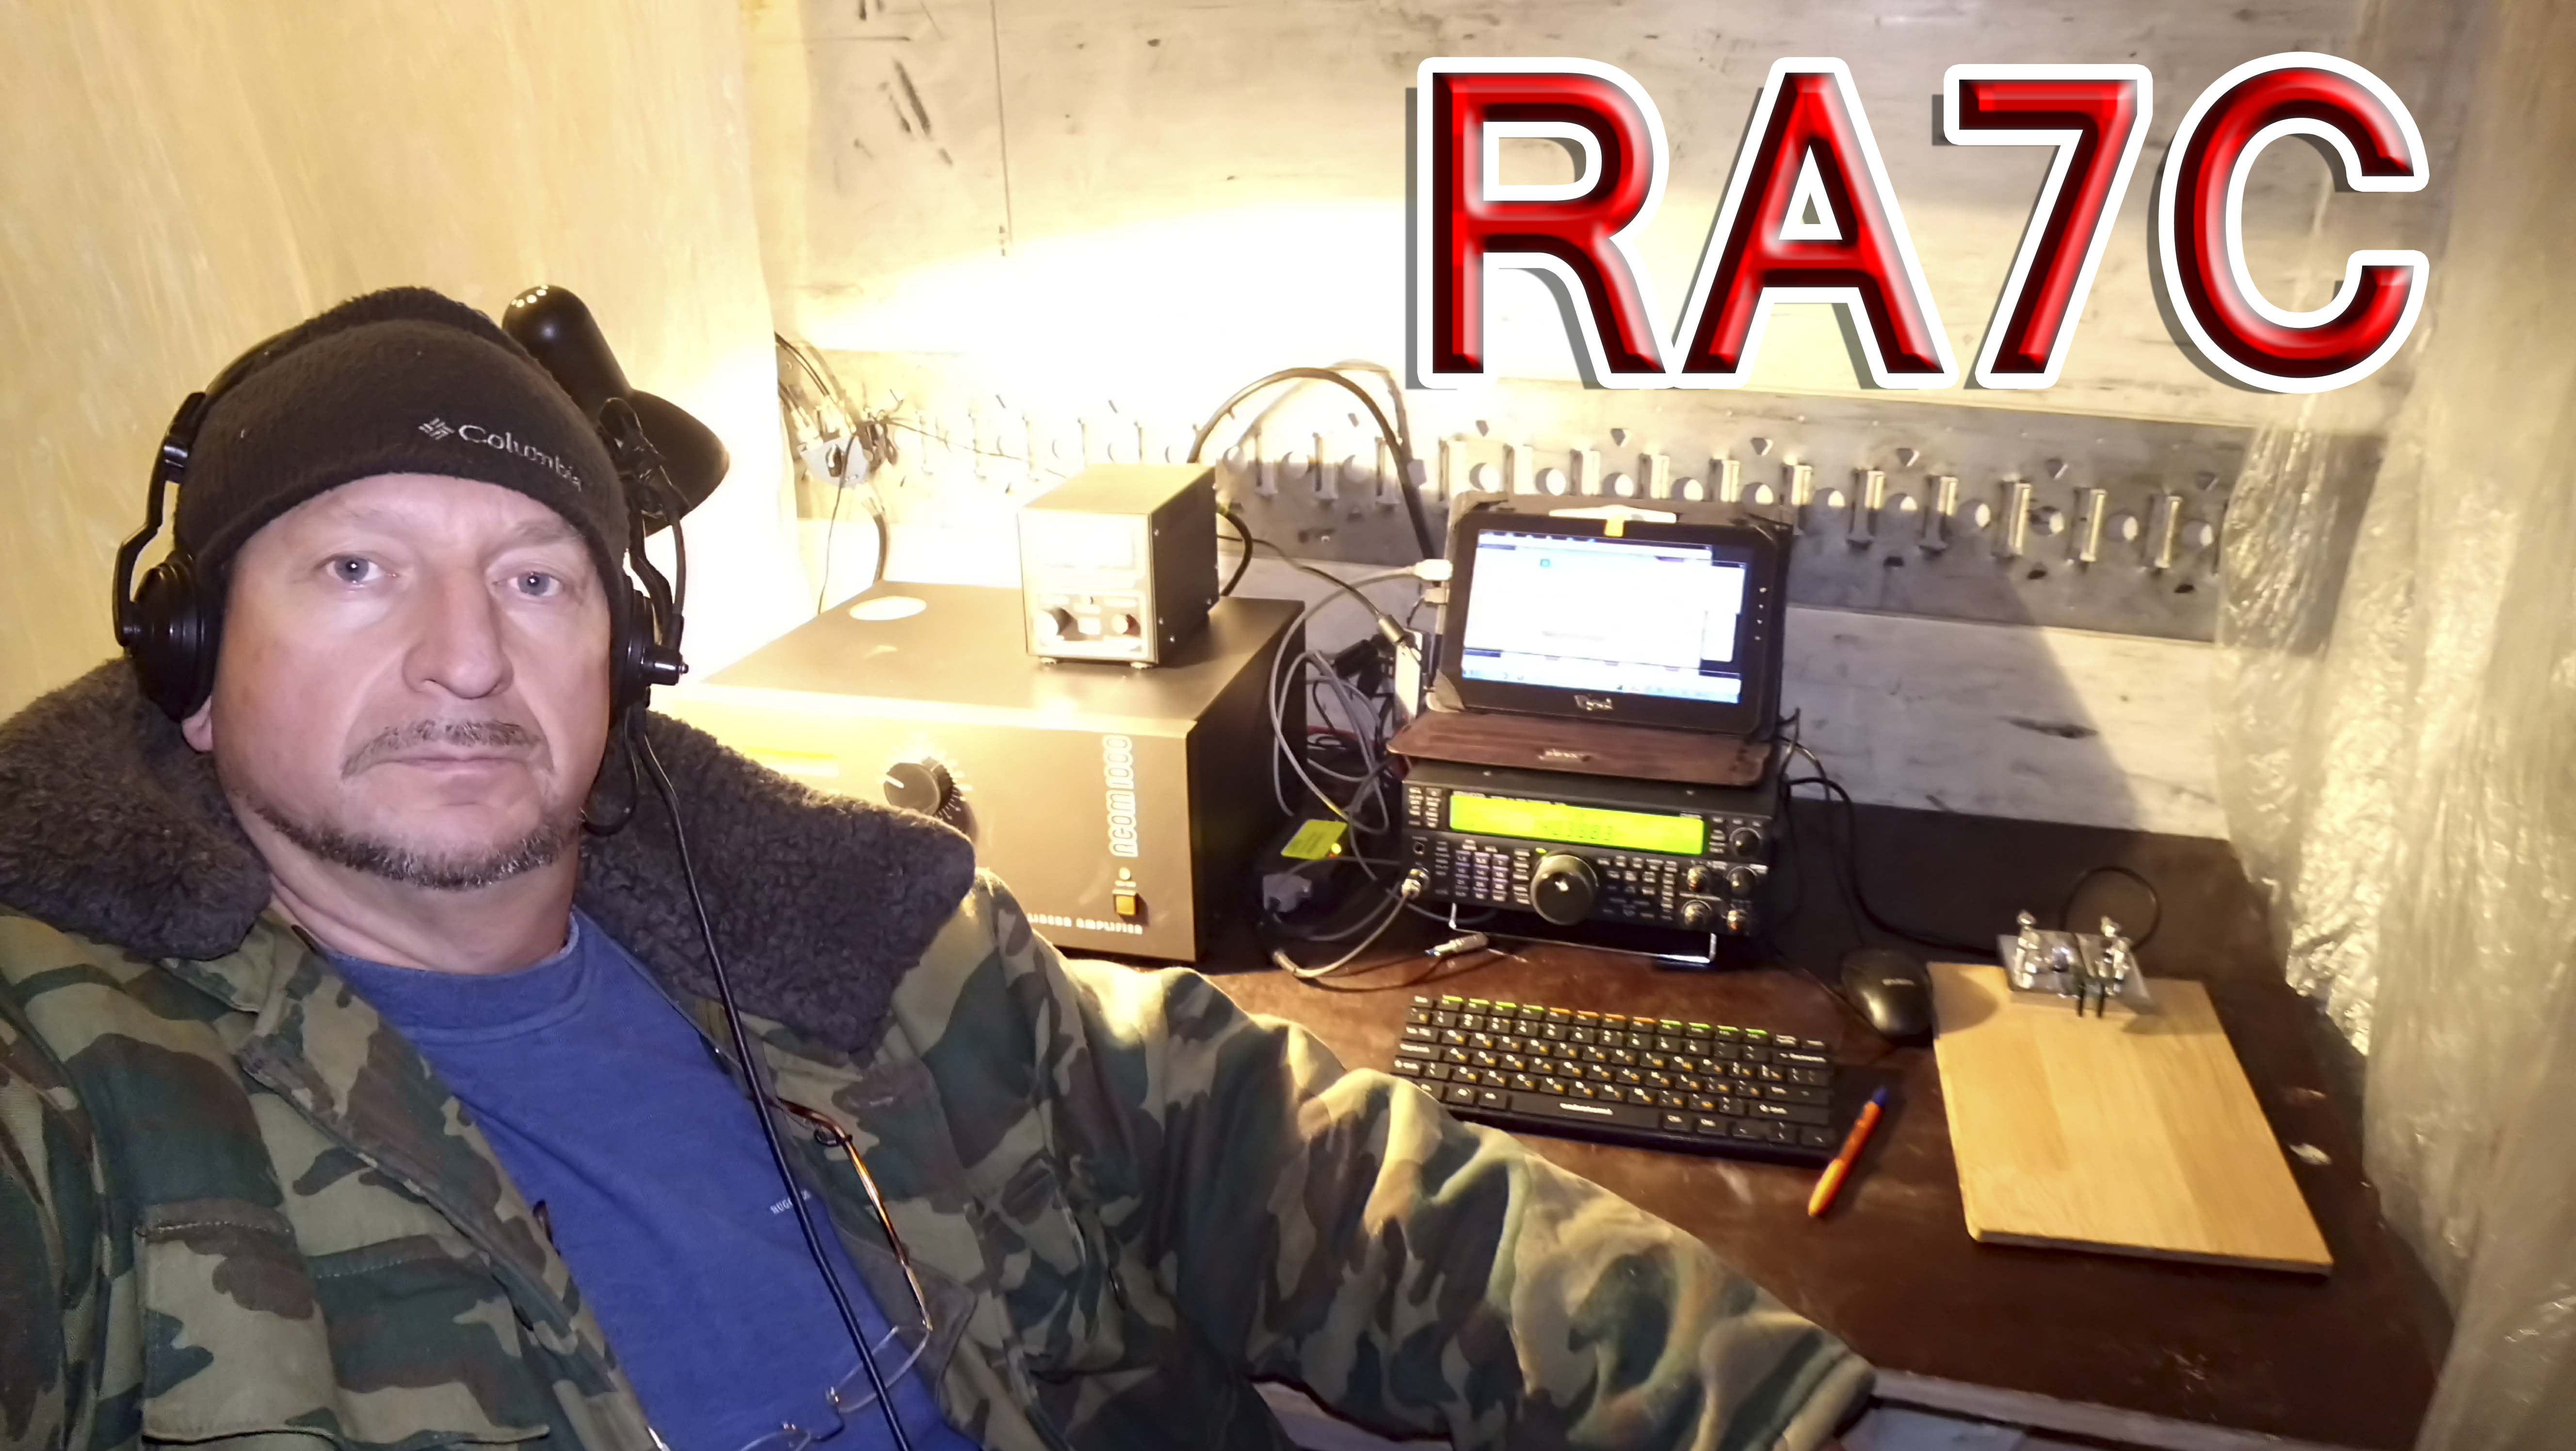 Нажмите на изображение для увеличения.  Название:RA7C-3.jpg Просмотров:8 Размер:660.6 Кб ID:200379